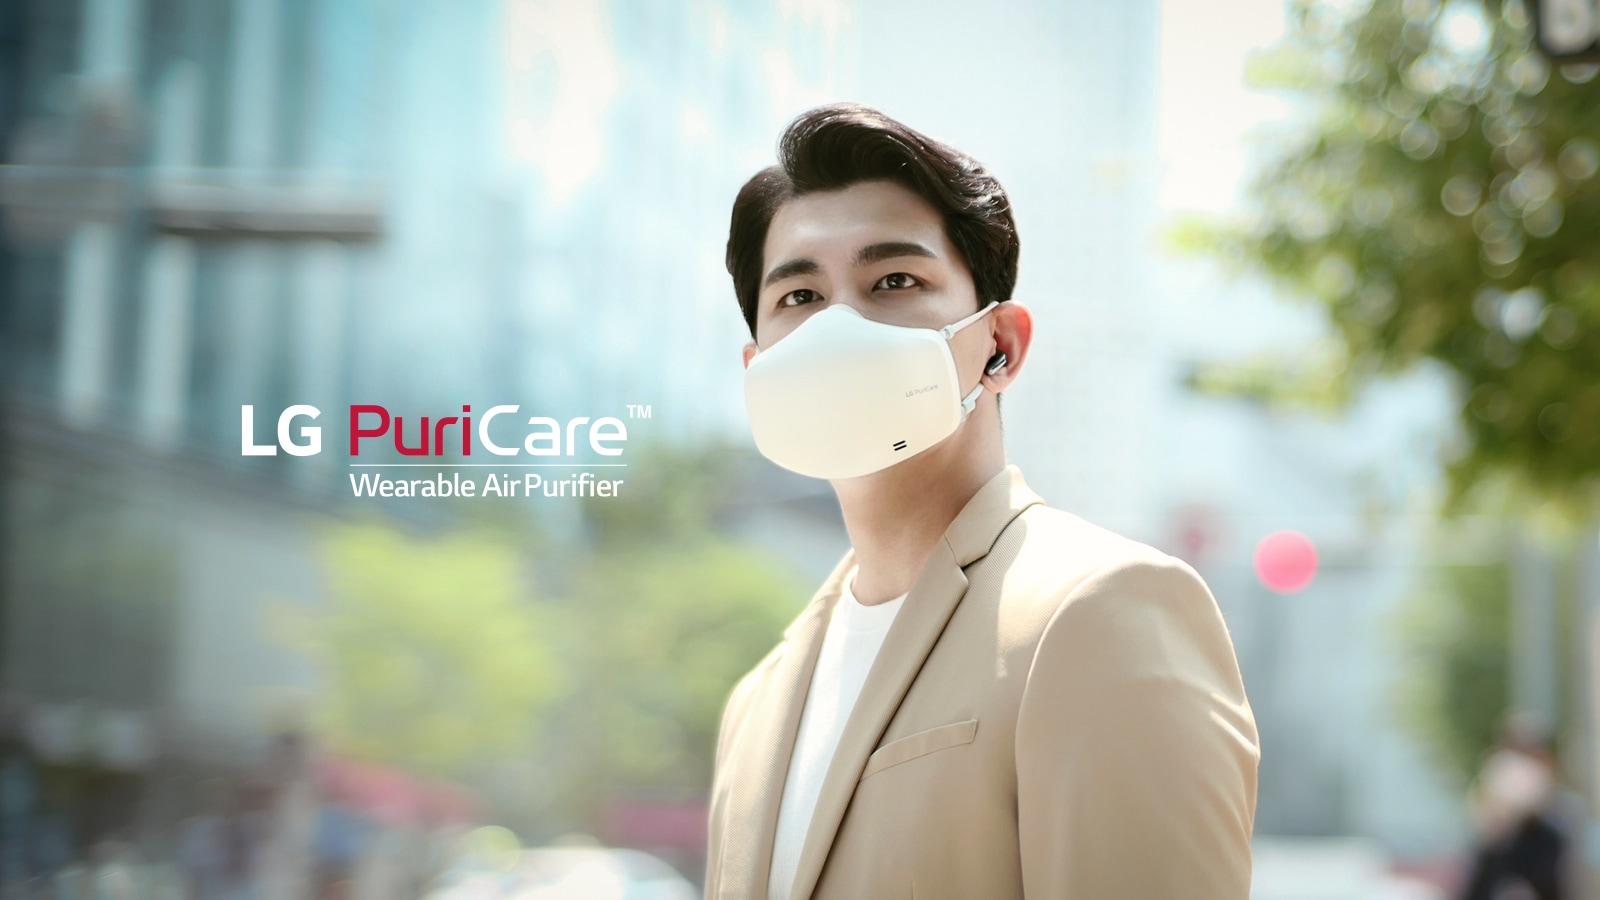 一位戴著 LG Puricare 穿戴式空氣清新機的男士站在市中心環顧四周,背景是模糊的城市。